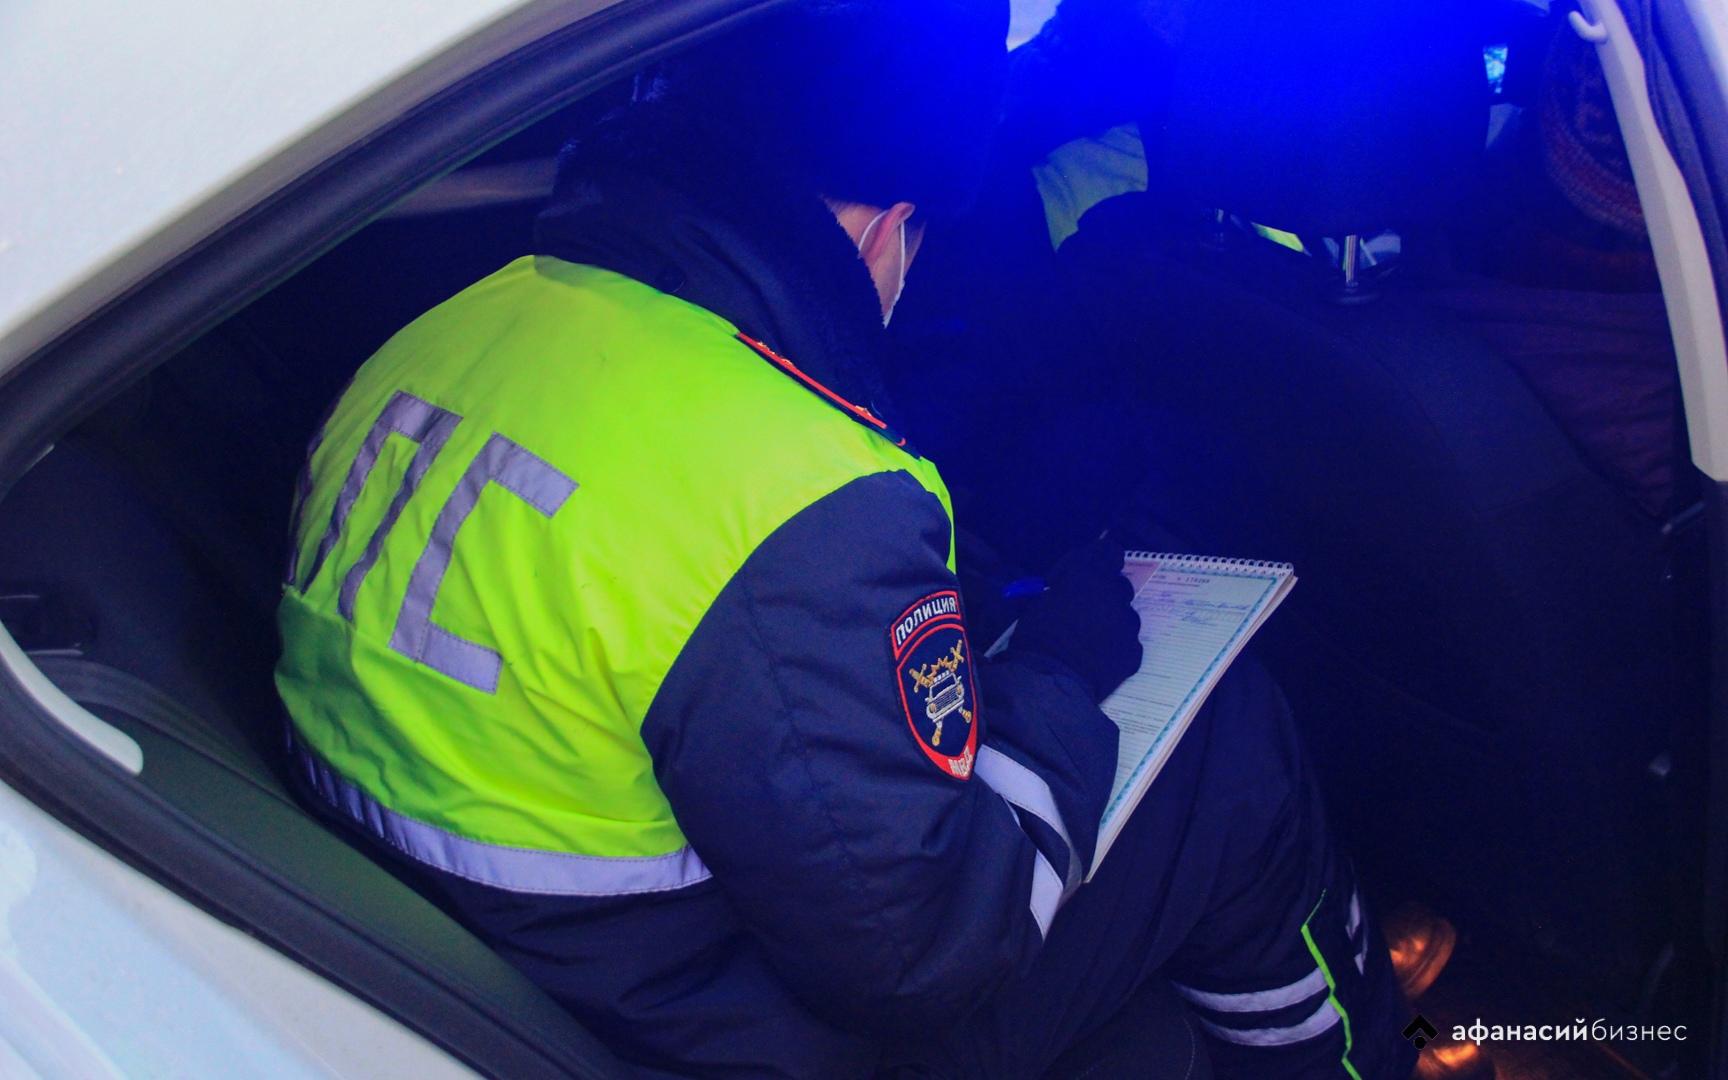 На Селигере водитель пострадал в опрокинувшейся машине